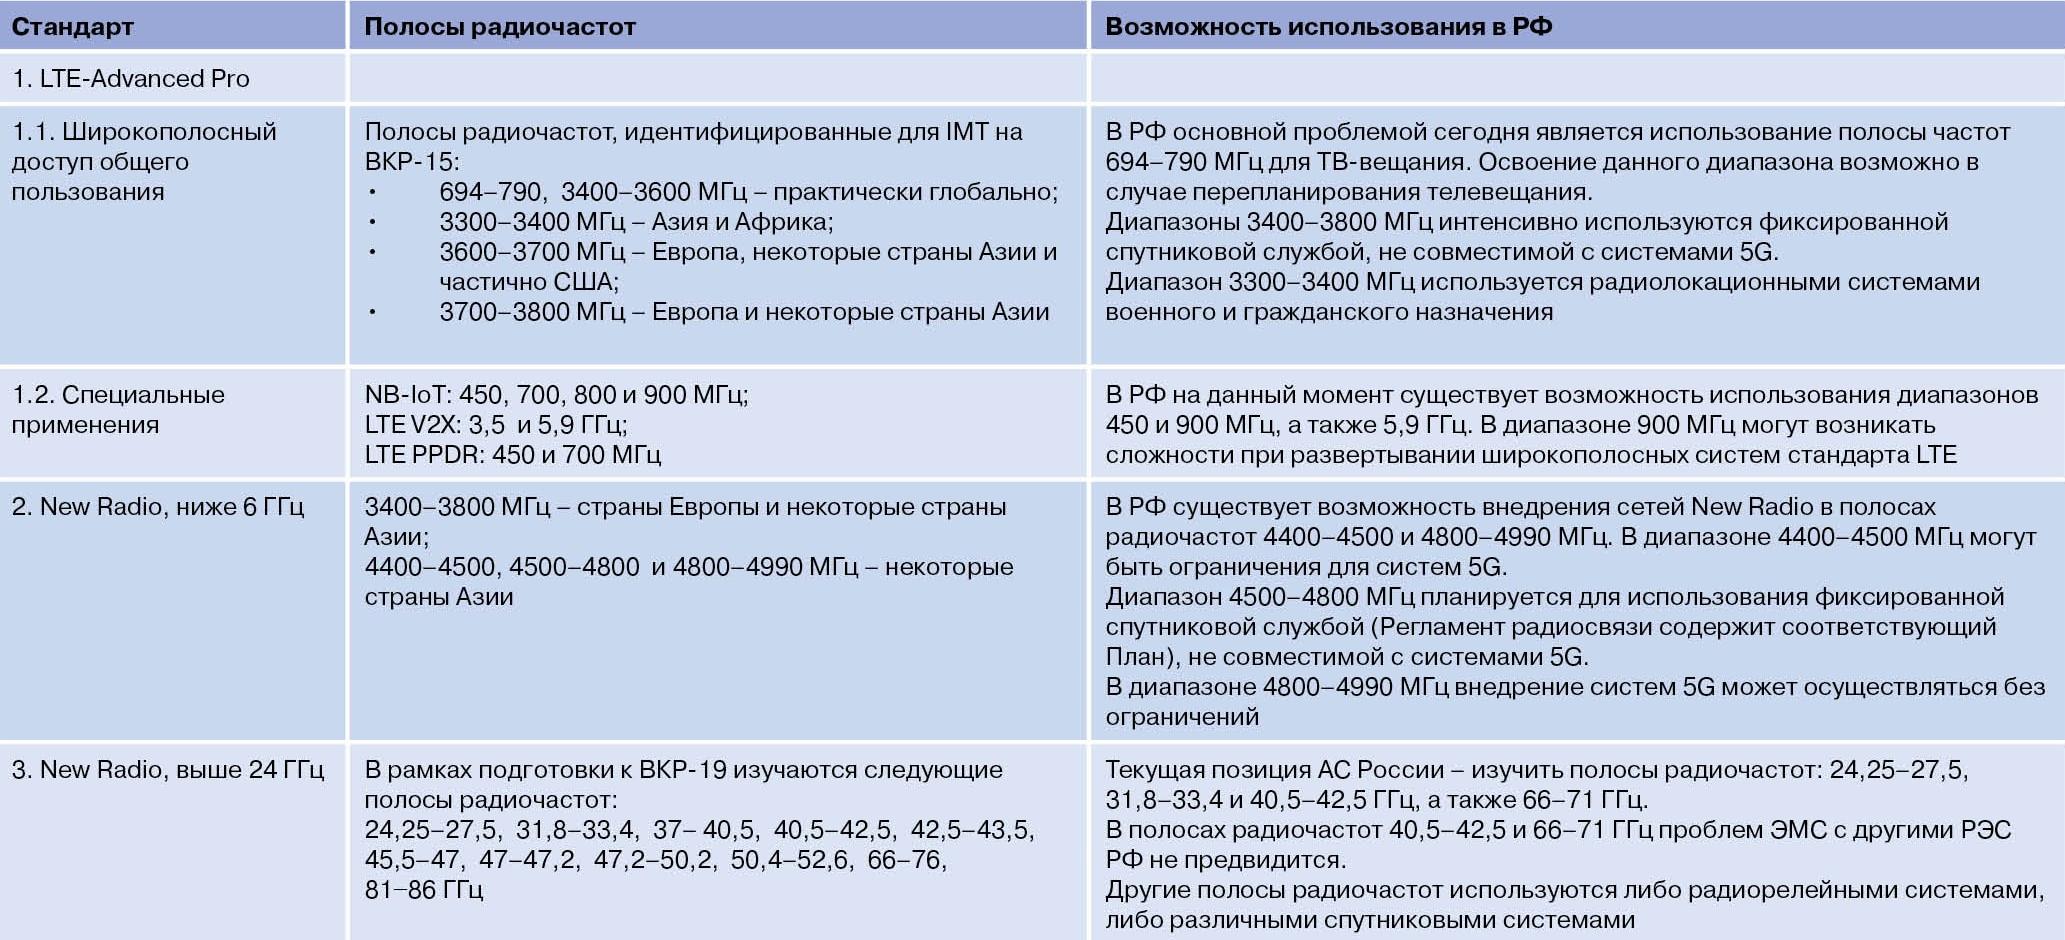 Таблица 2. Обеспечение лицензируемым радиочастотным спектром наземной ИКТ-инфраструктуры